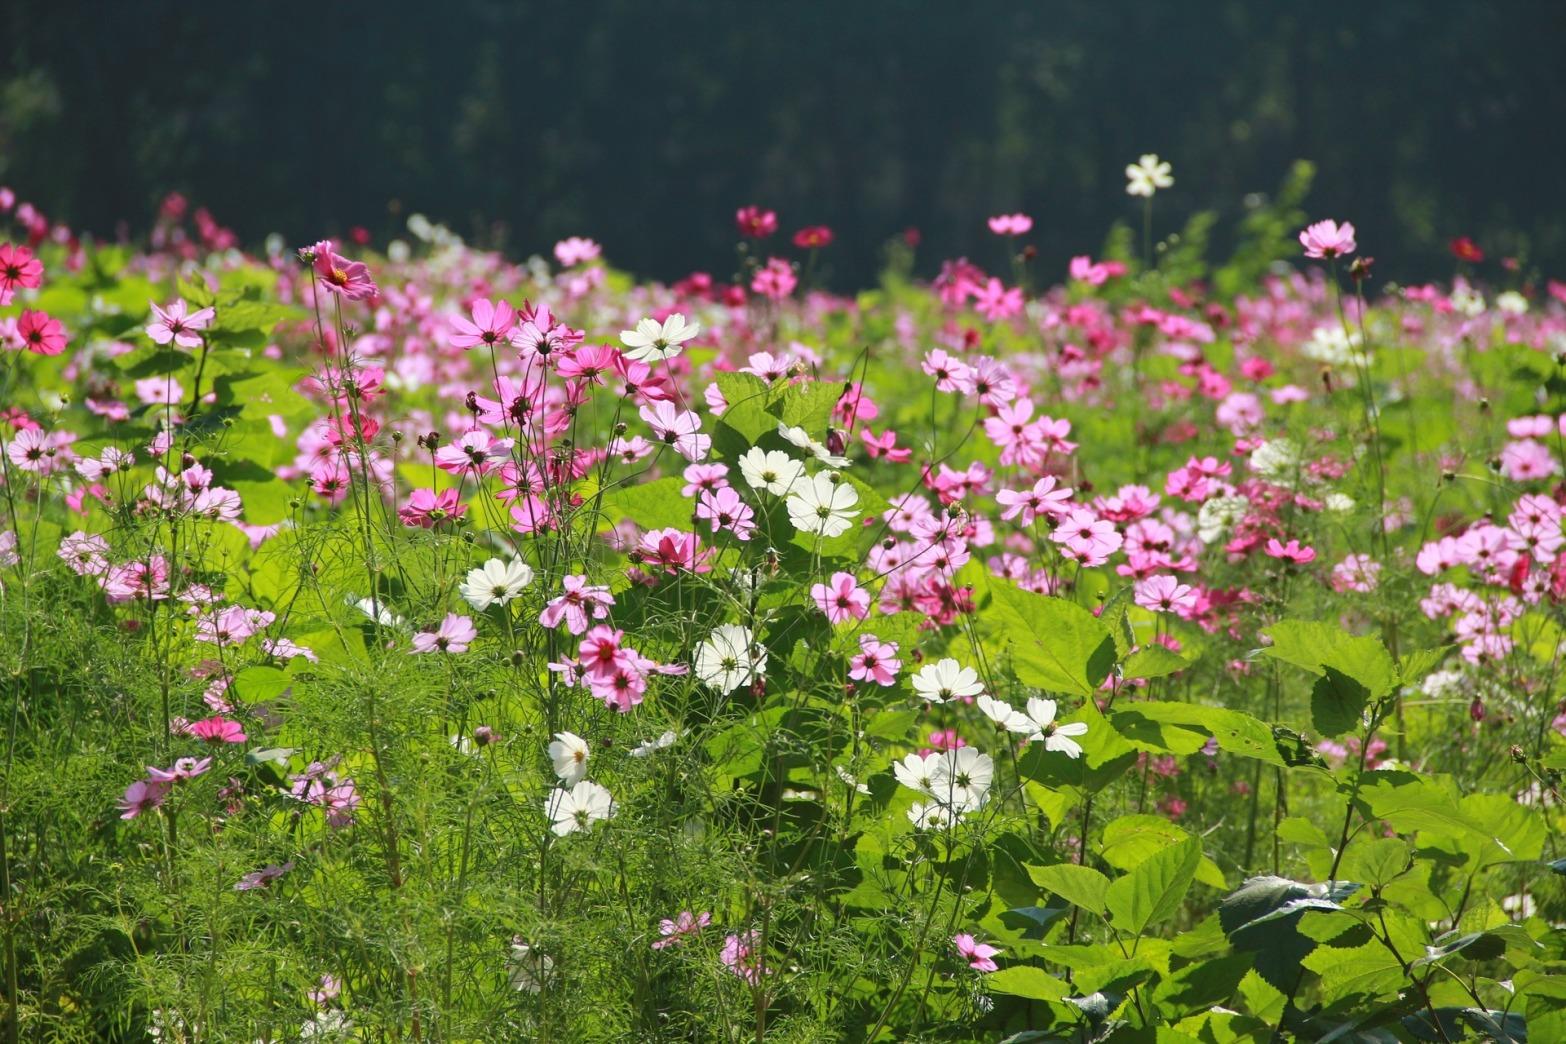 flower-garden-1486941_1920